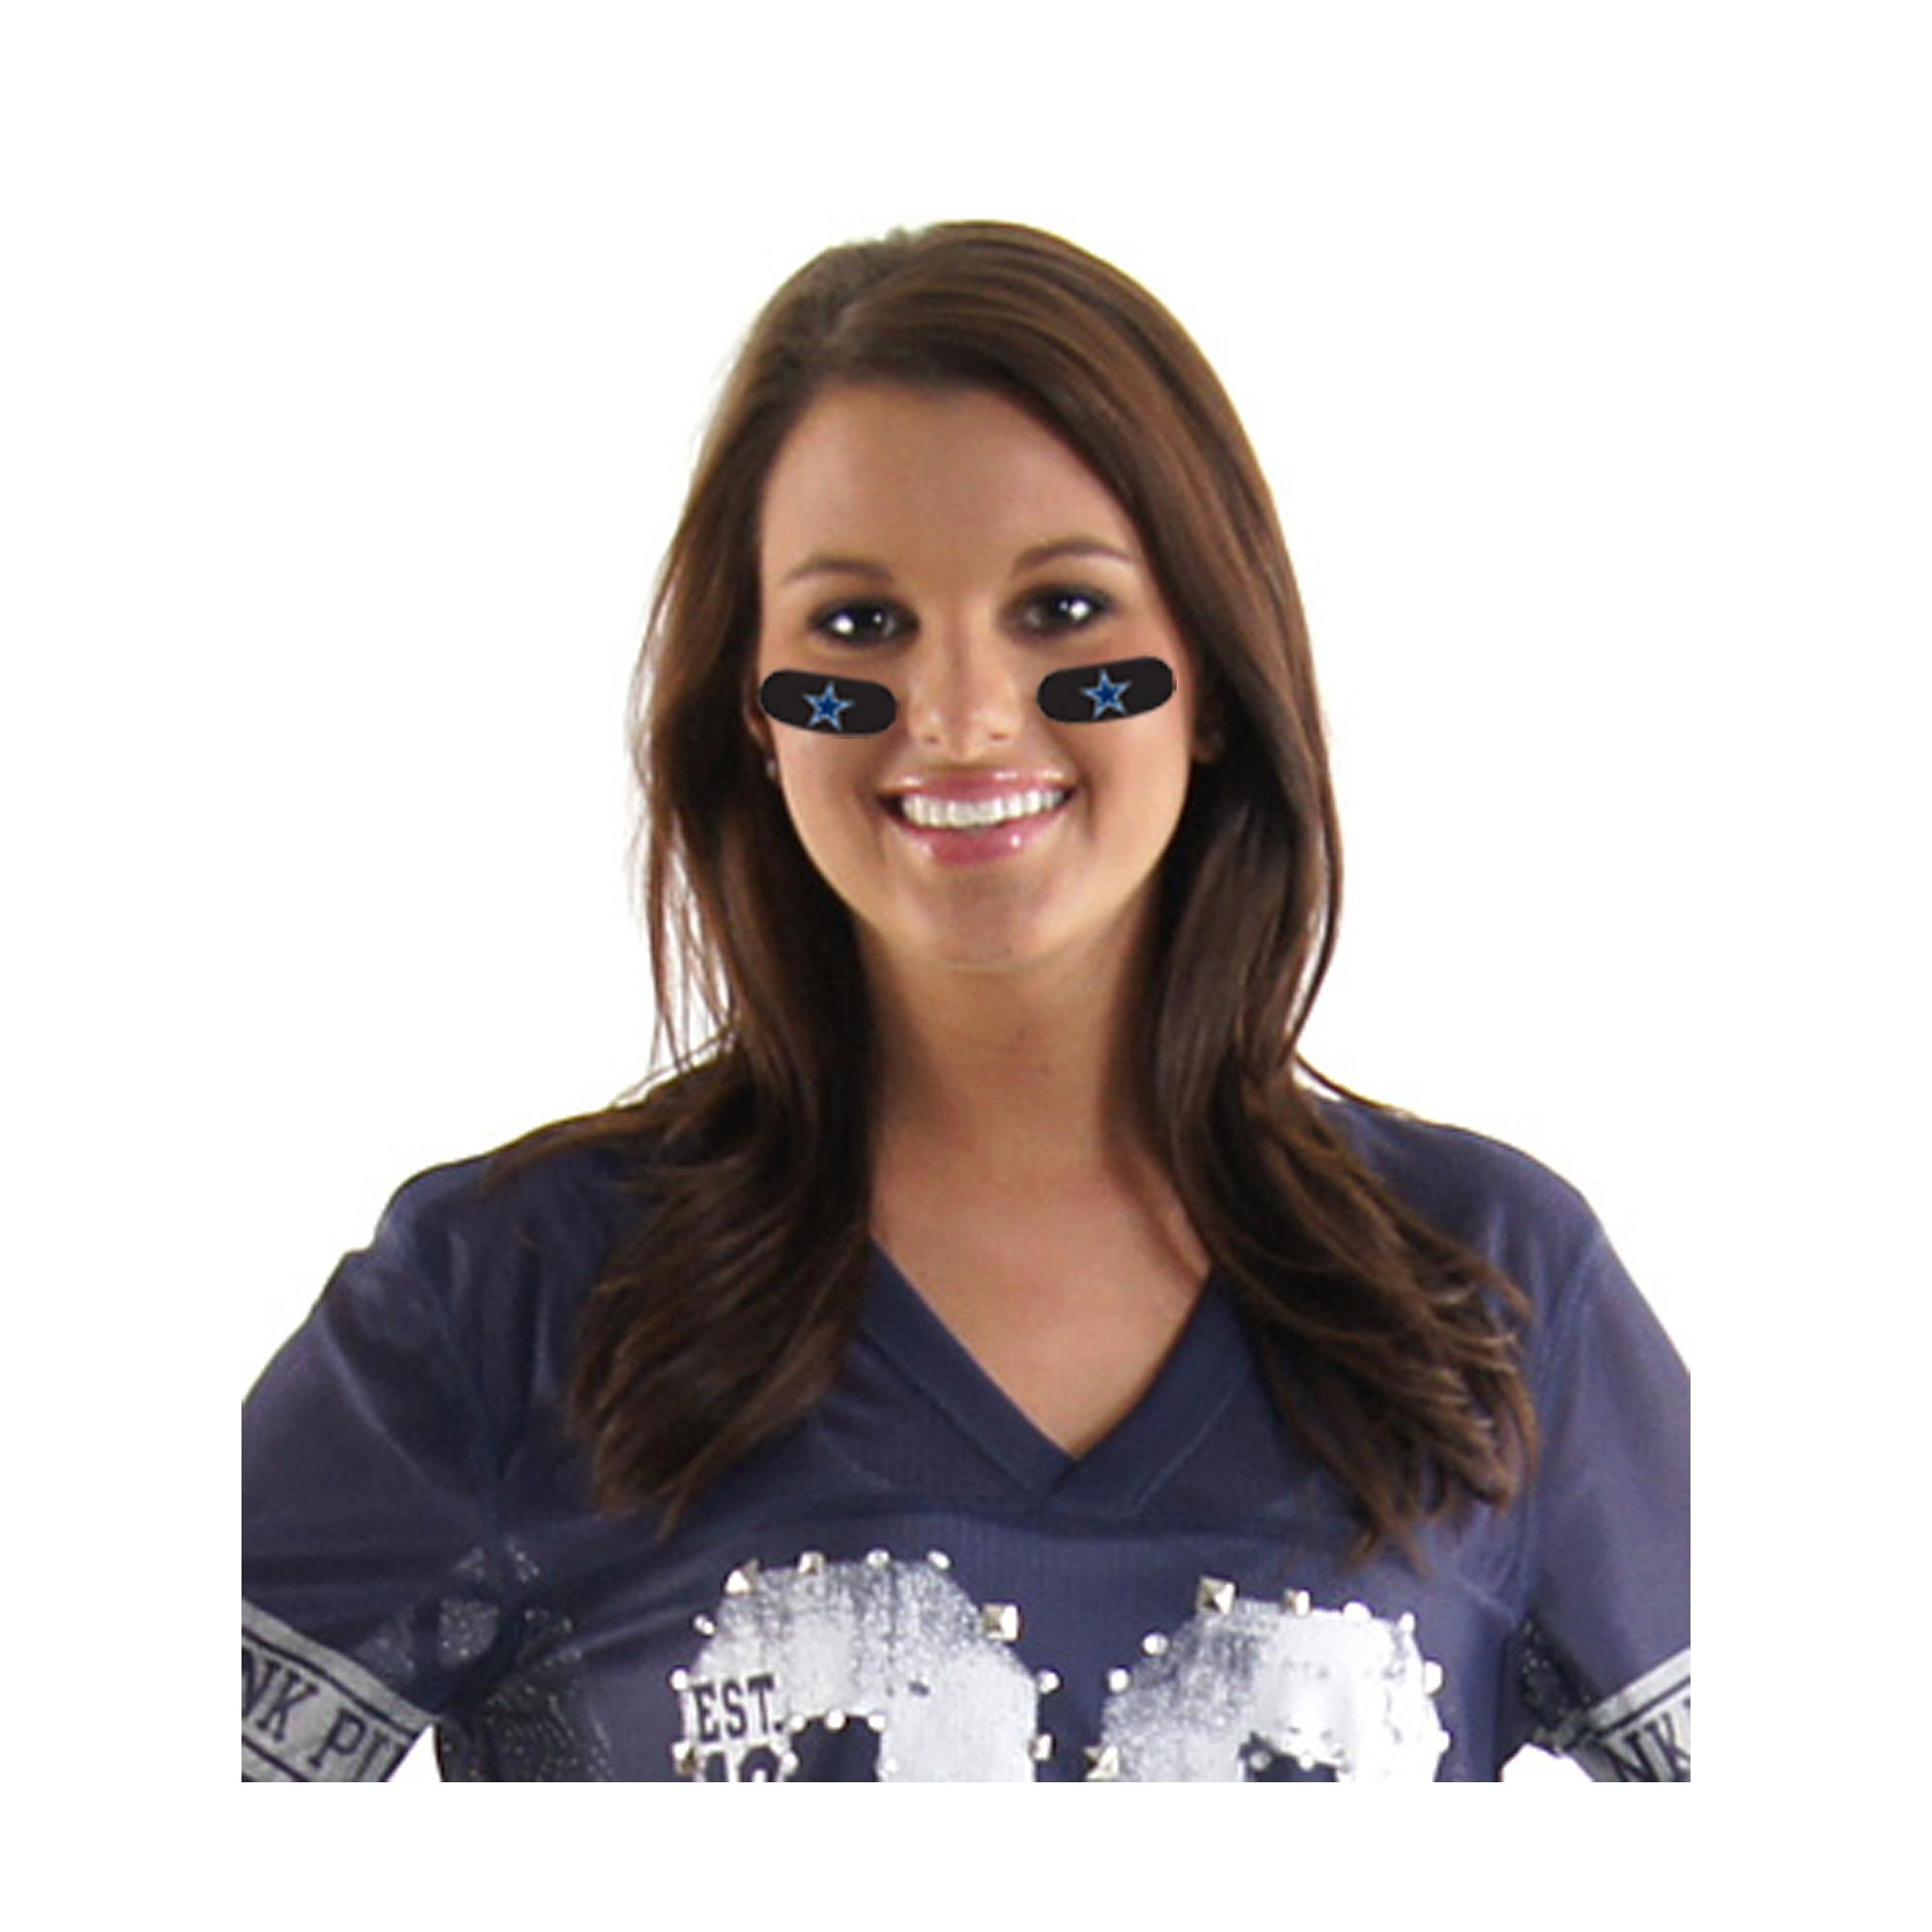 Dallas Cowboys Eyeblack